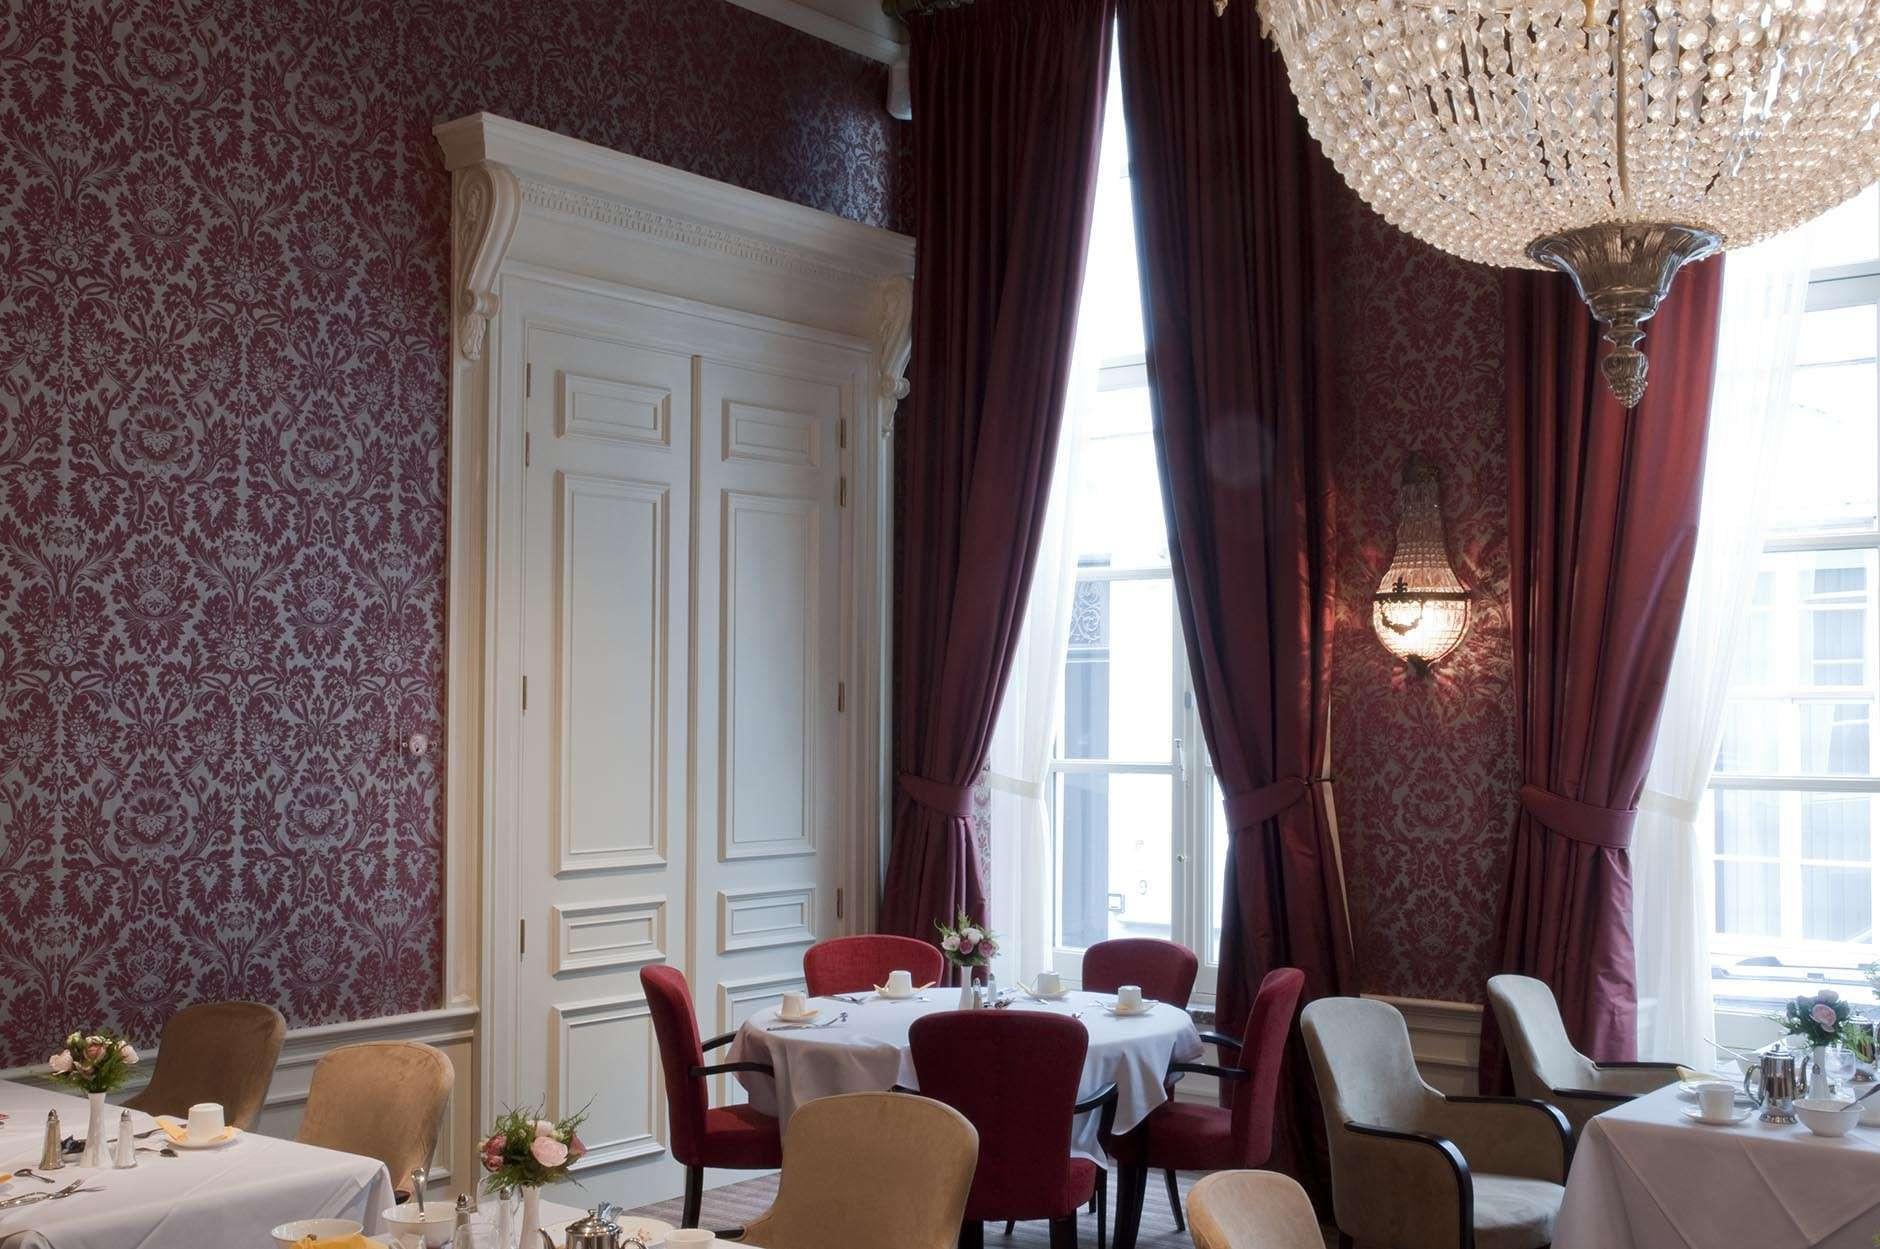 Nordex_Brugge hotel Casselbergh_3